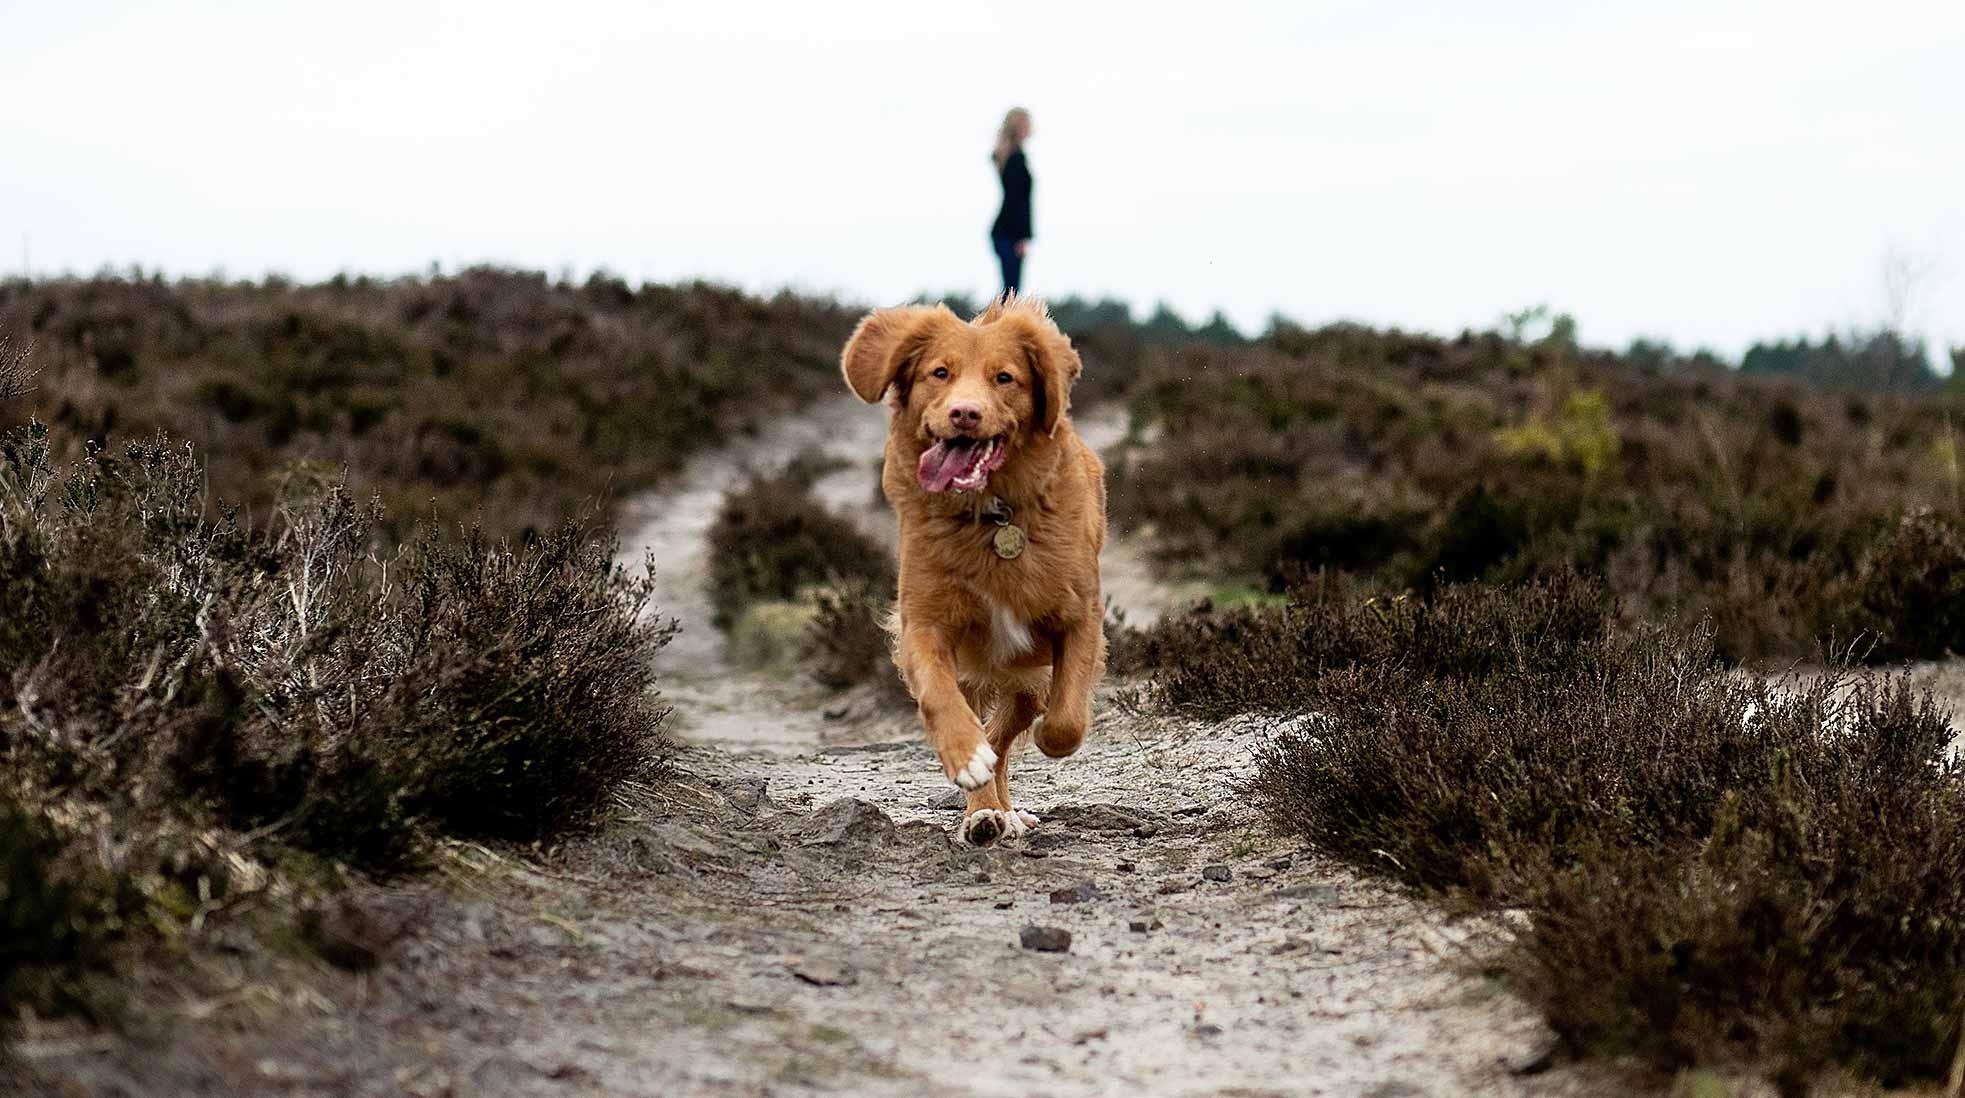 En brun hund springer på en sandig stig i dagsljus